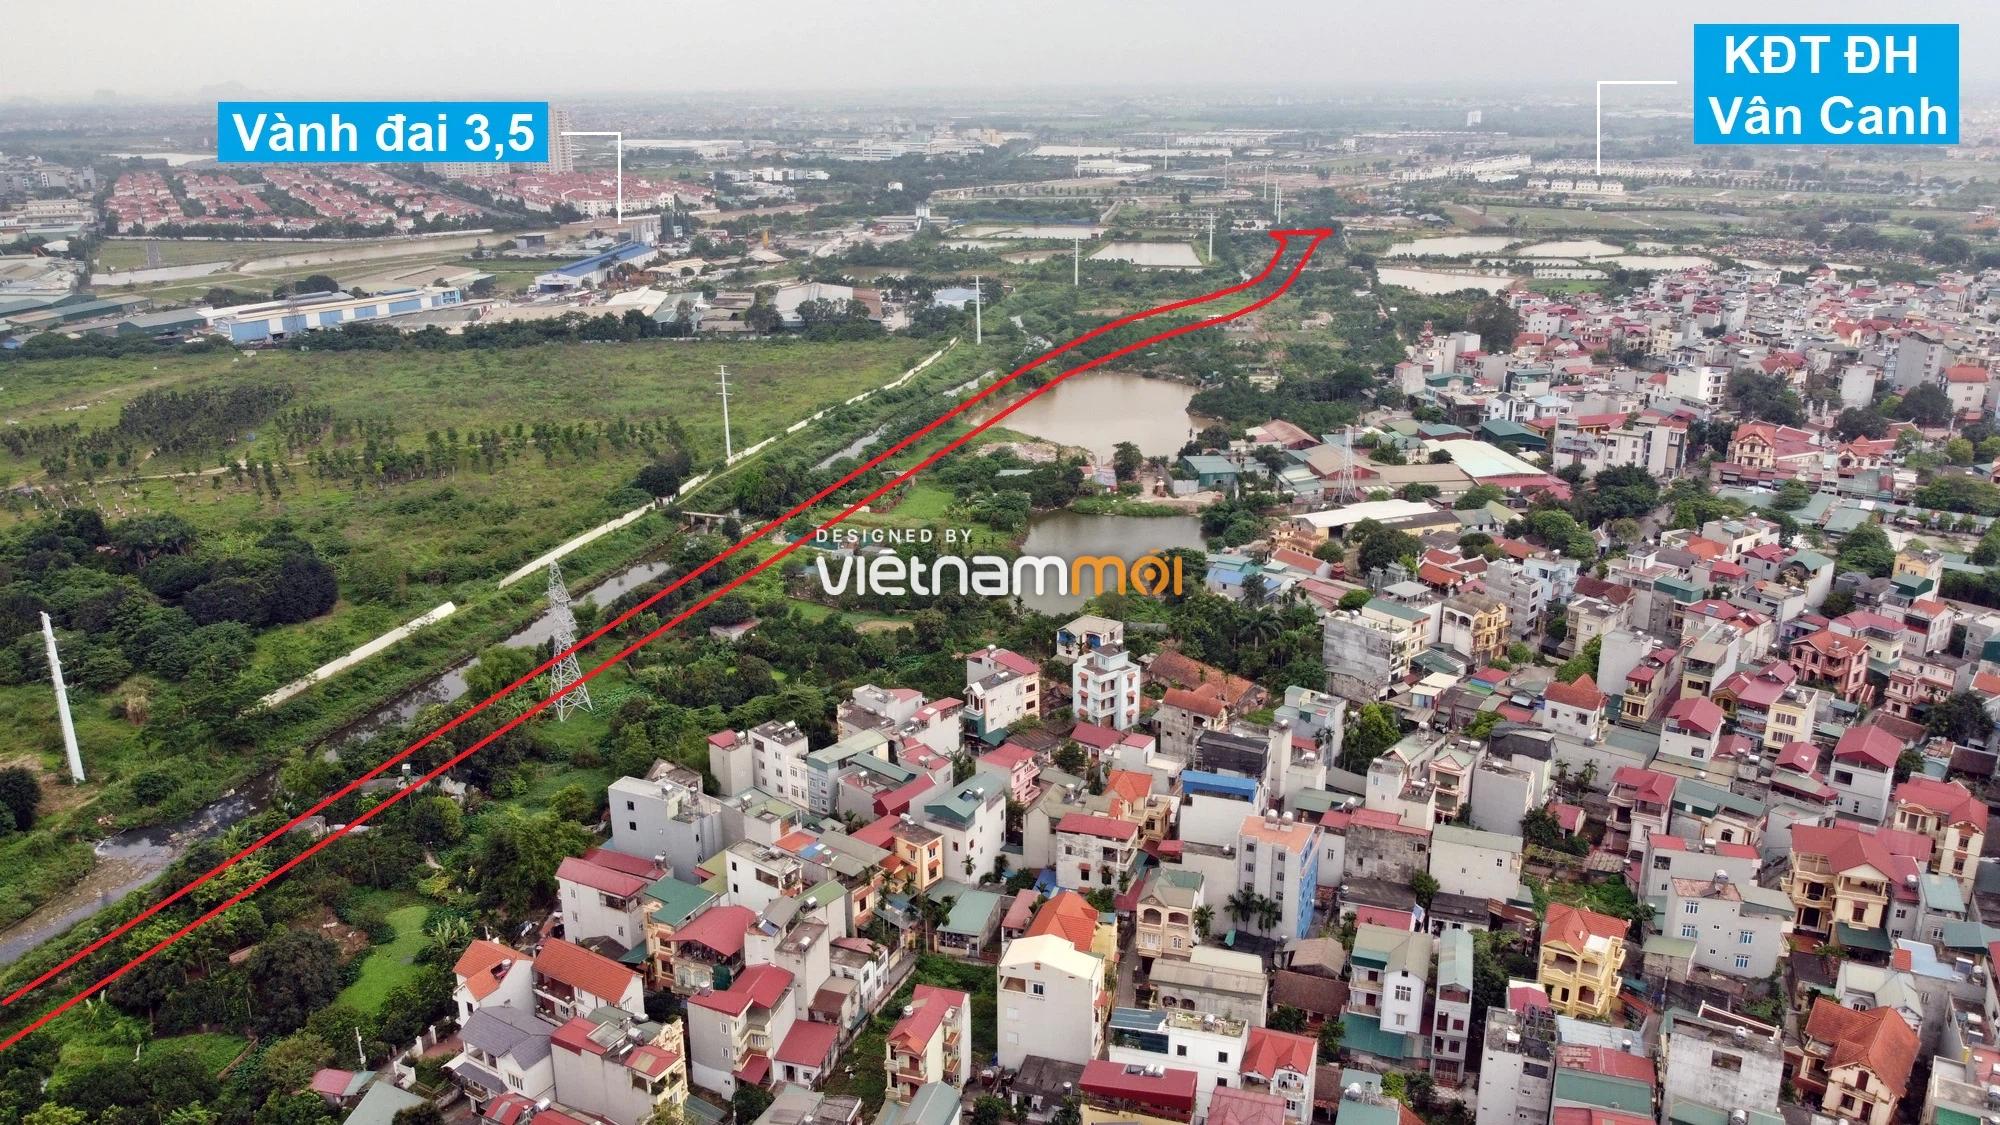 Những khu đất sắp thu hồi để mở đường ở phường Tây Mỗ, Nam Từ Liêm, Hà Nội (phần 6) - Ảnh 6.